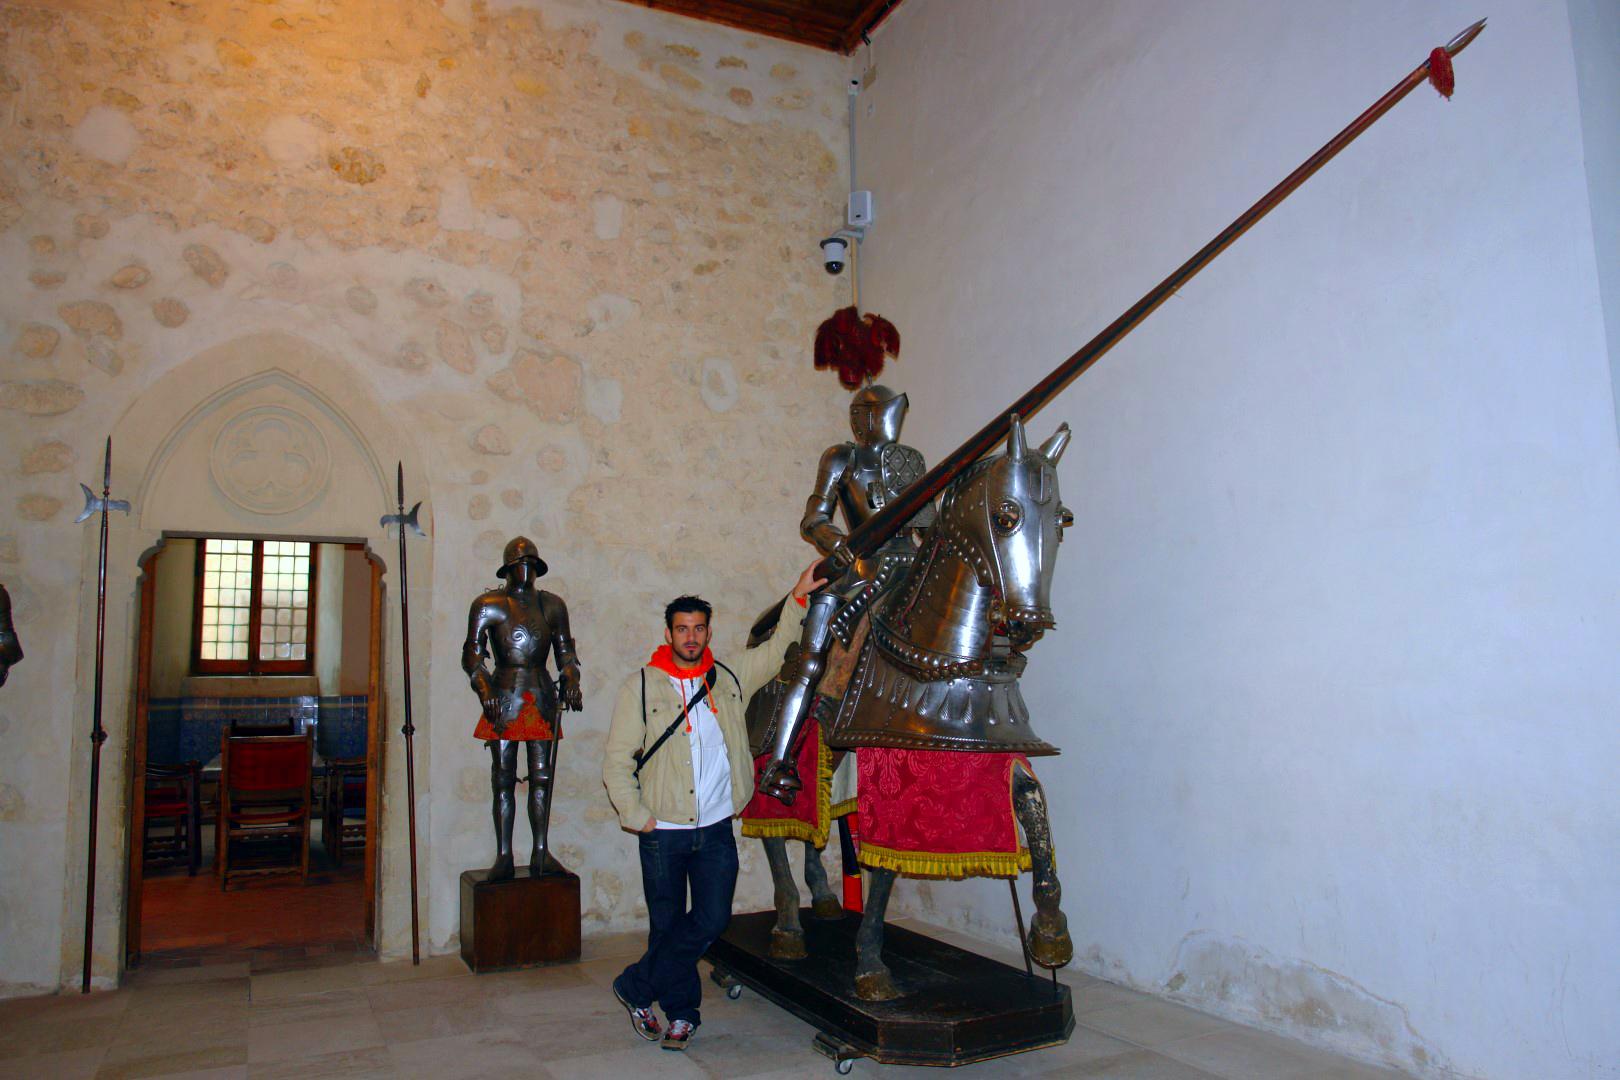 Qué ver Segovia, España qué ver en segovia - 30730787030 1ec92e8628 o - Qué ver en Segovia, España